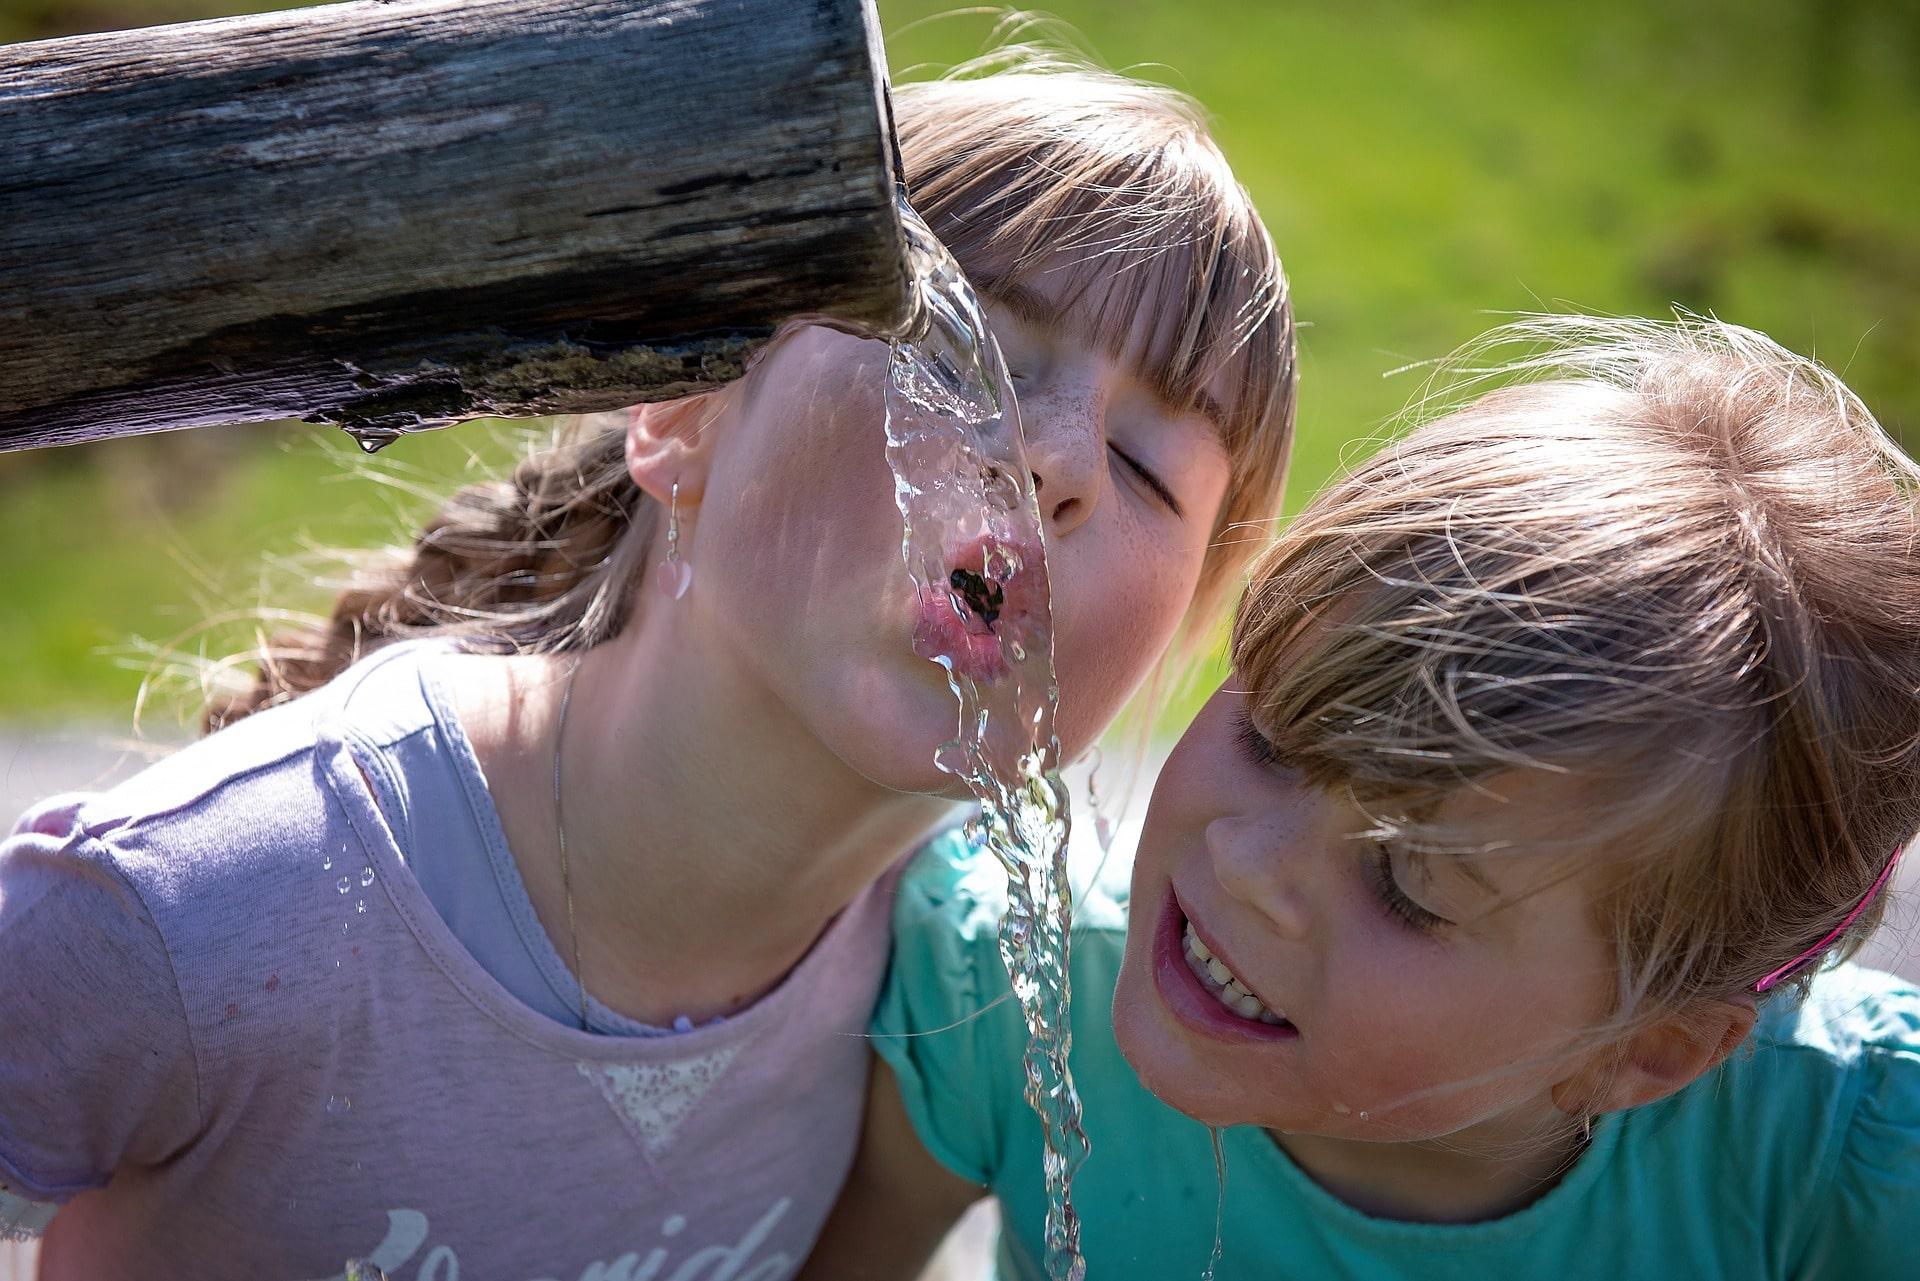 Дети пьют вкусную воду